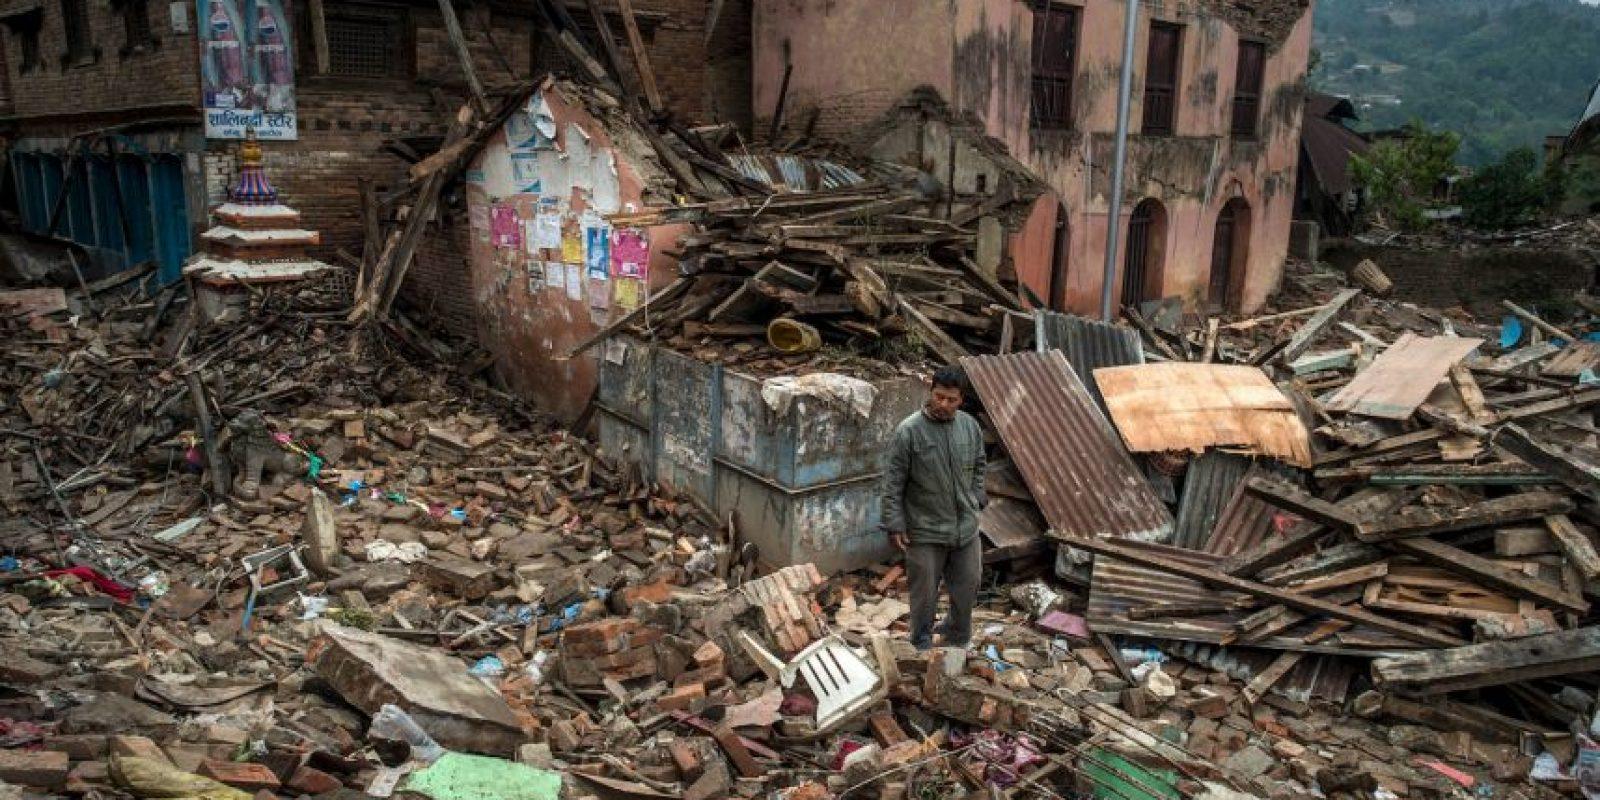 El 25 de abril de 2015 un fuerte terremoto sacudió Nepal. Foto:Getty Images